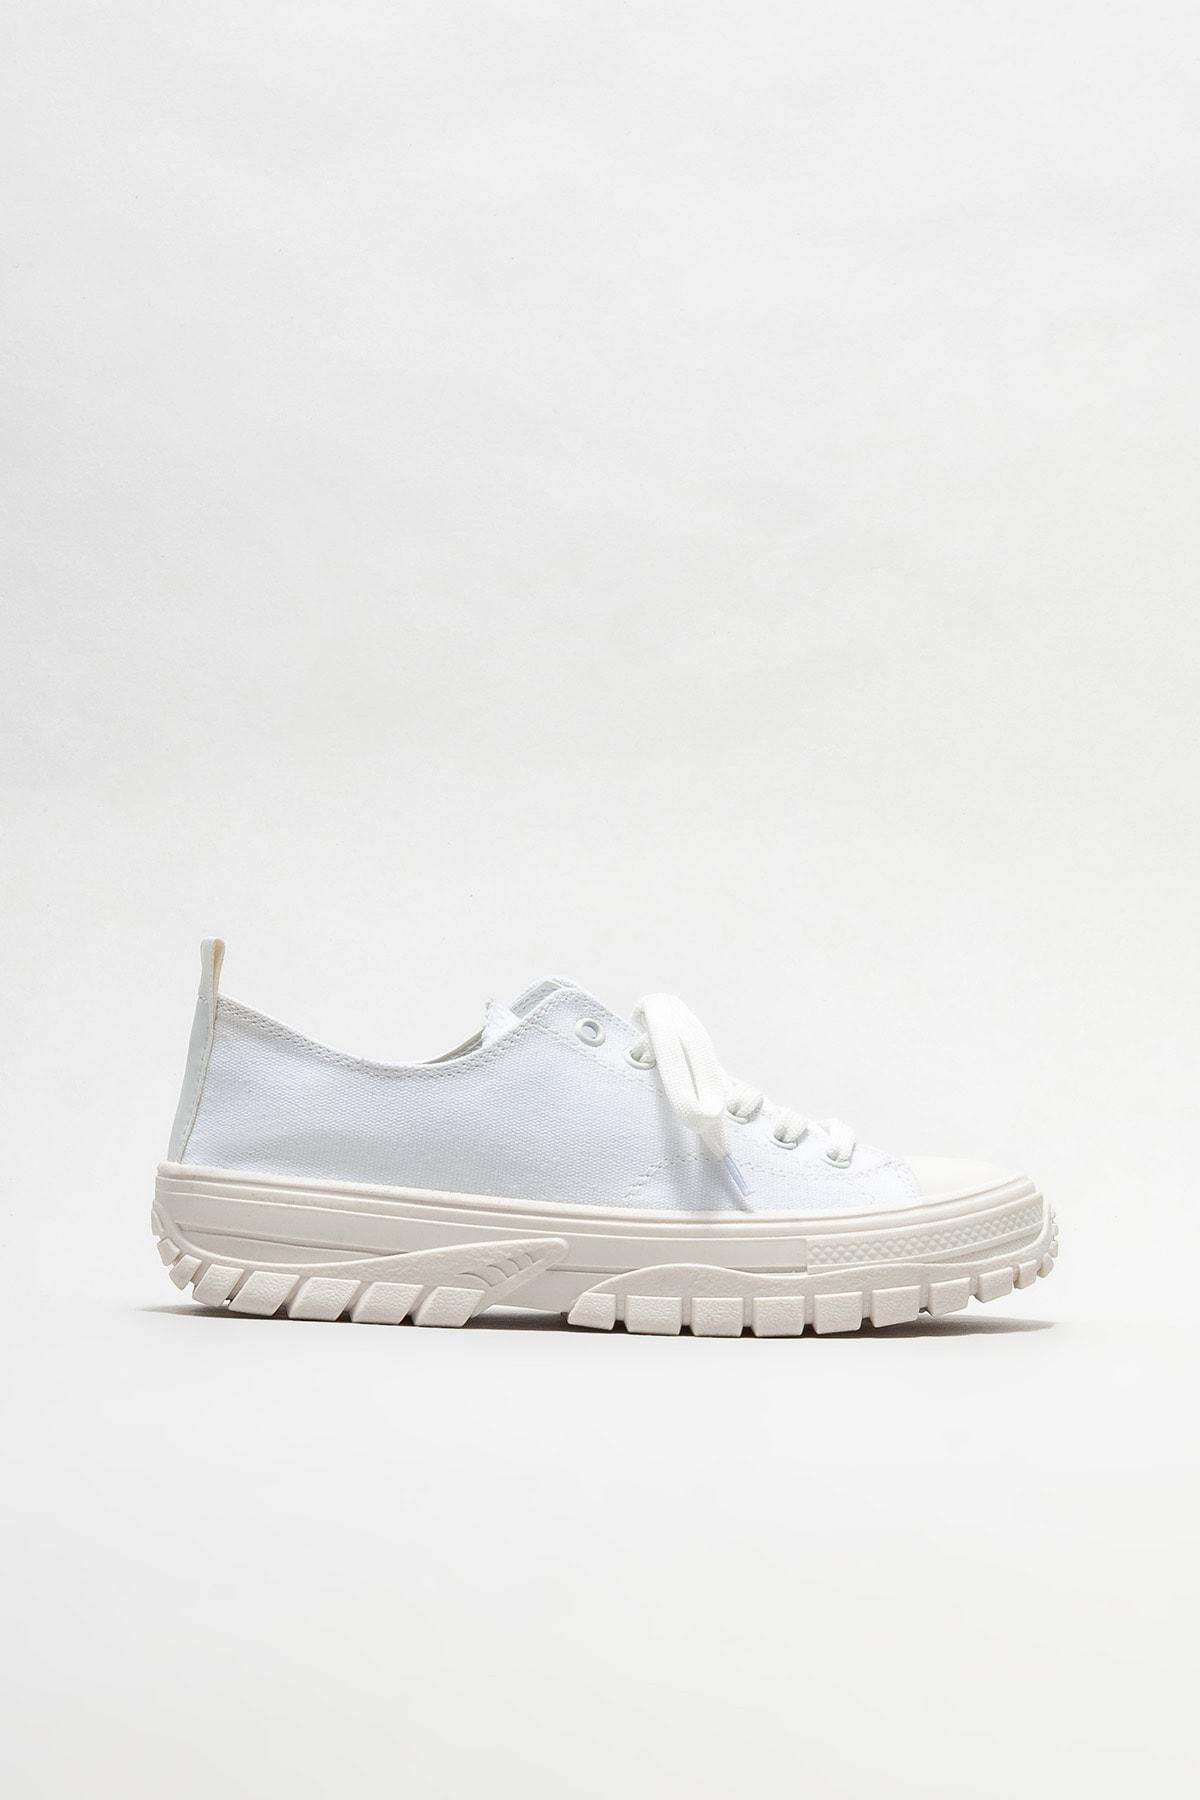 کتانی زنانه ارزان برند Elle Shoes کد ty100106428